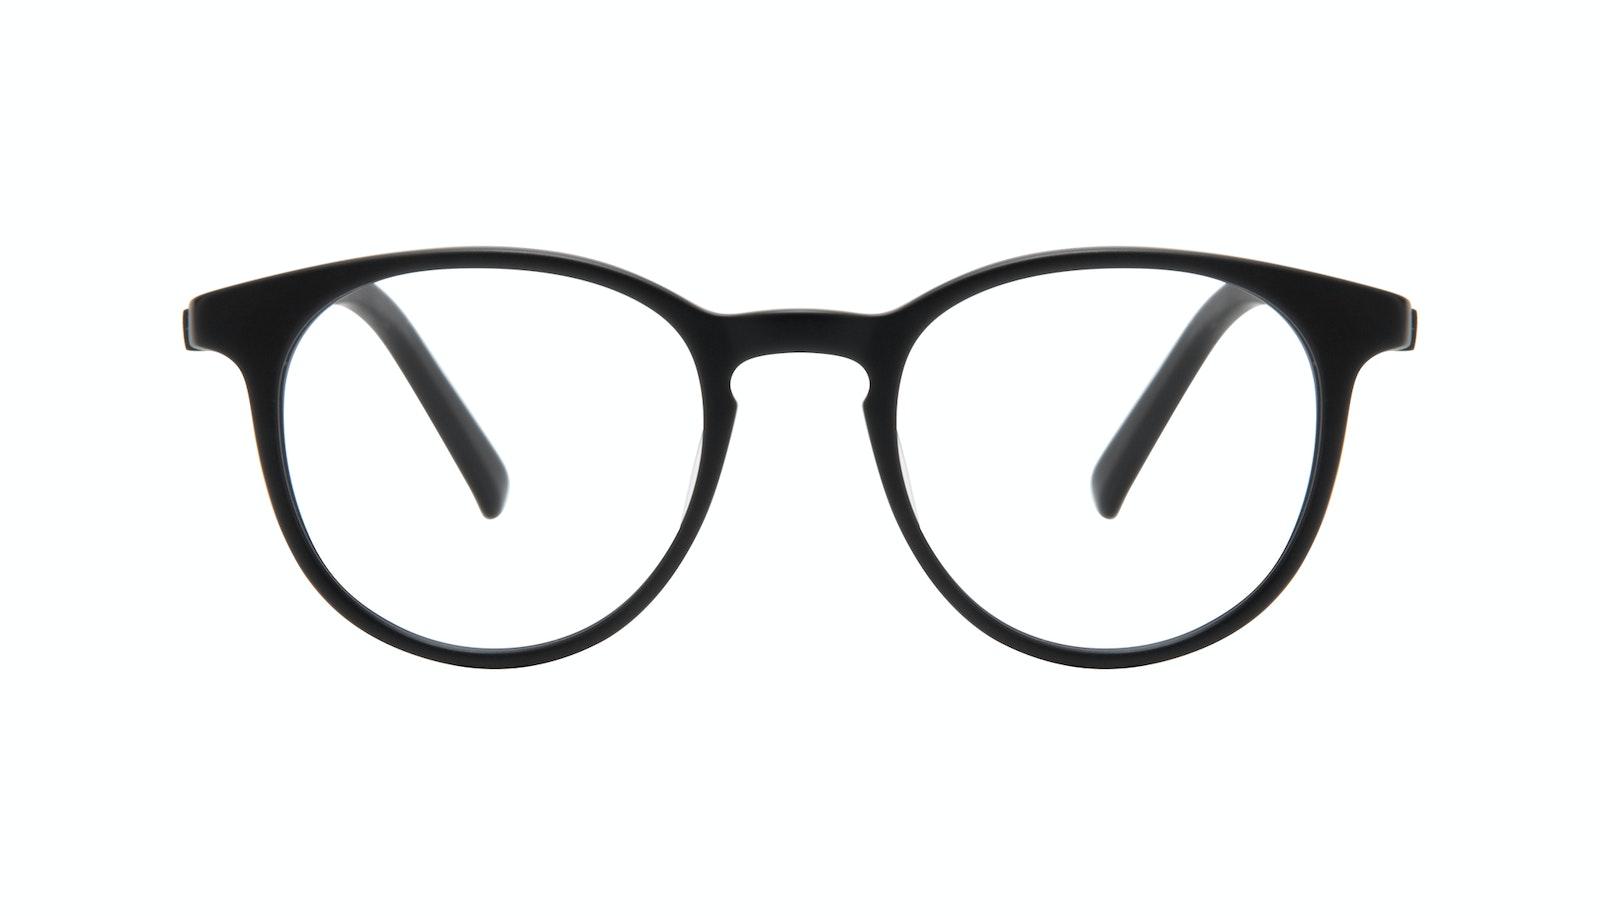 Lunettes tendance Ronde Lunettes de vue Hommes Select Black Matte